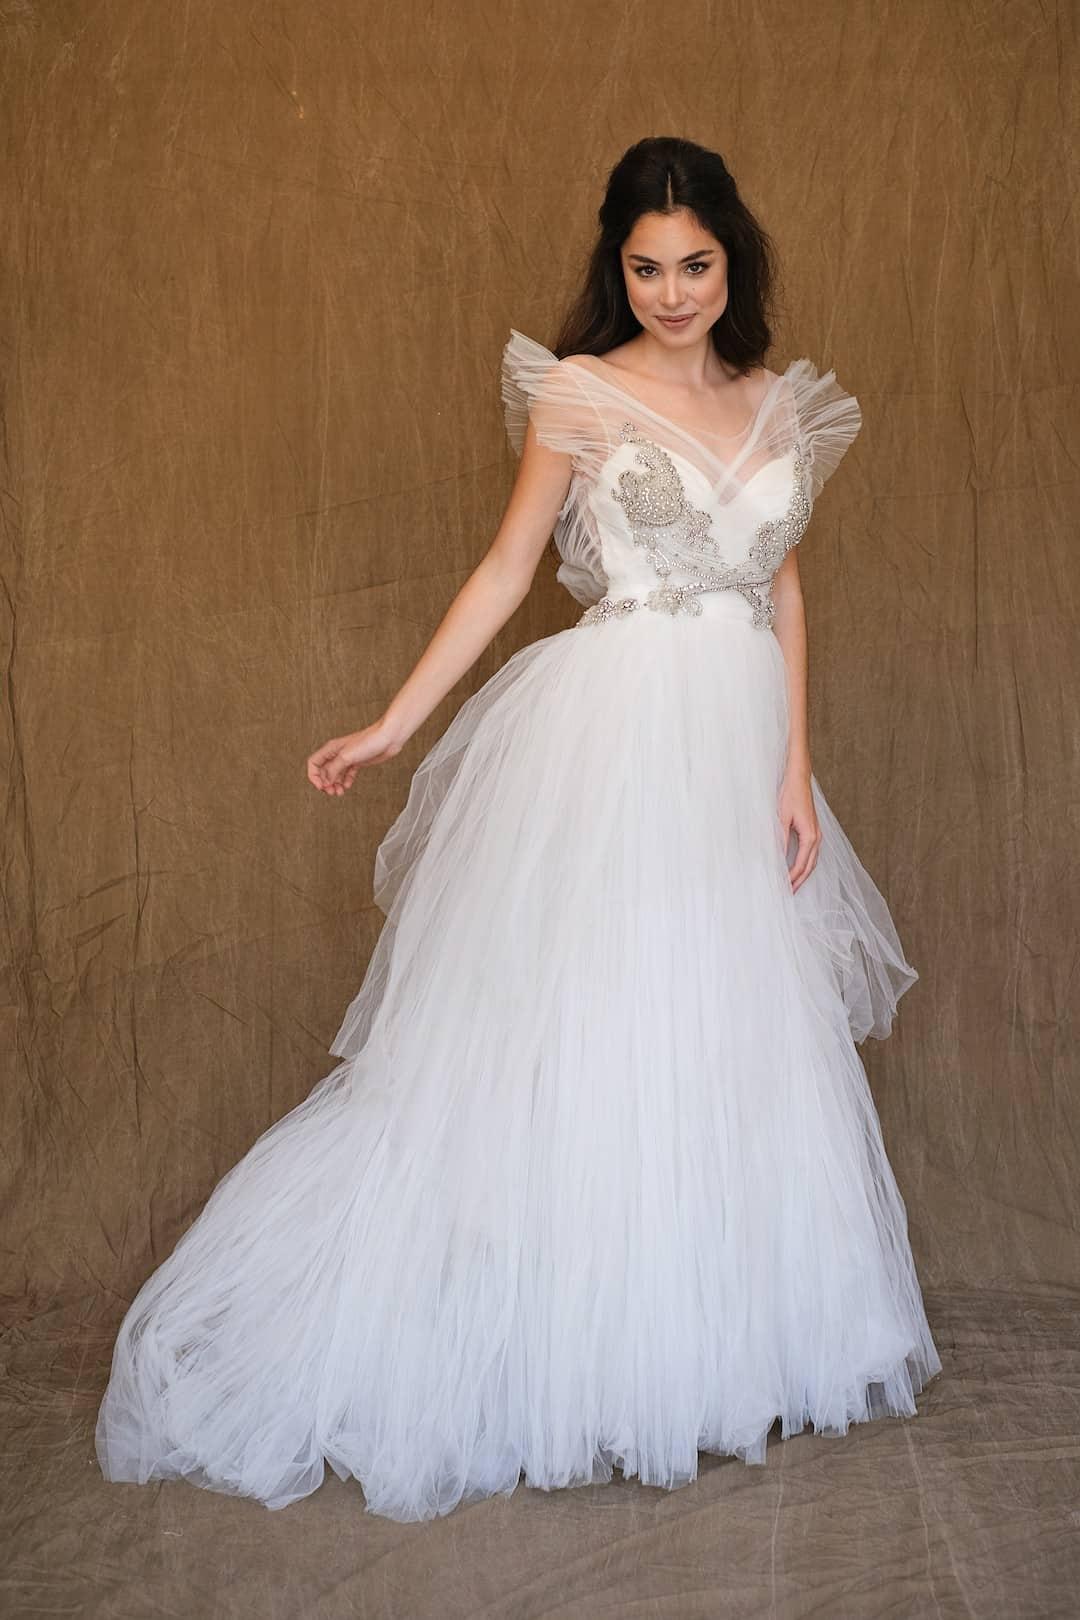 Romantikus menyasszonyi ruhák - Marco&Maria - 14-1031-front